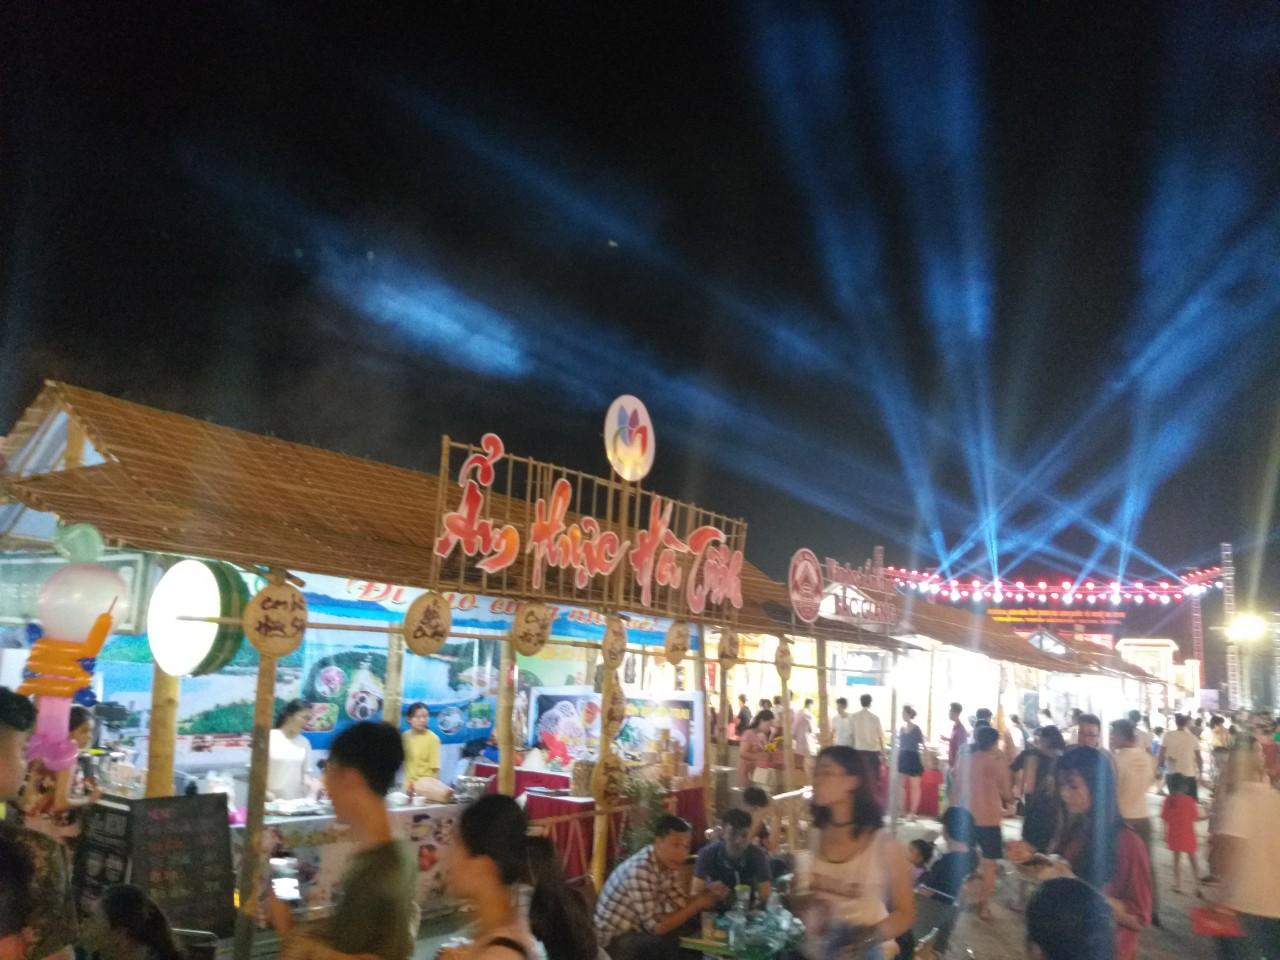 Thi công nhà tre, gian hàng tre, tiểu cảnh tre, không gian tre lễ hội, đường phố tẠI TP HCM - Hồ Chí Minh